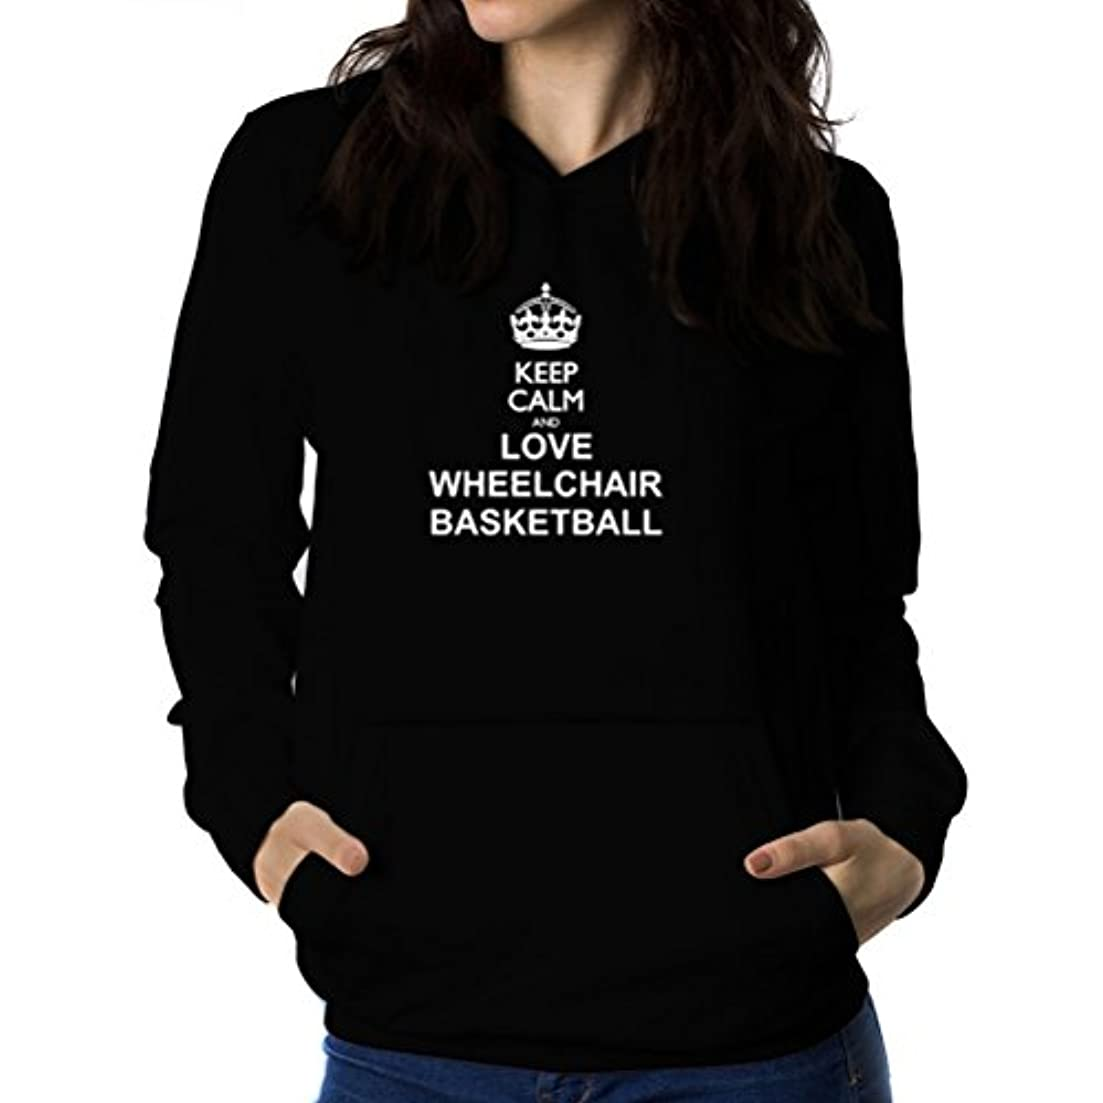 覚醒延ばす囚人Keep calm and love Wheelchair Basketball 女性 フーディー